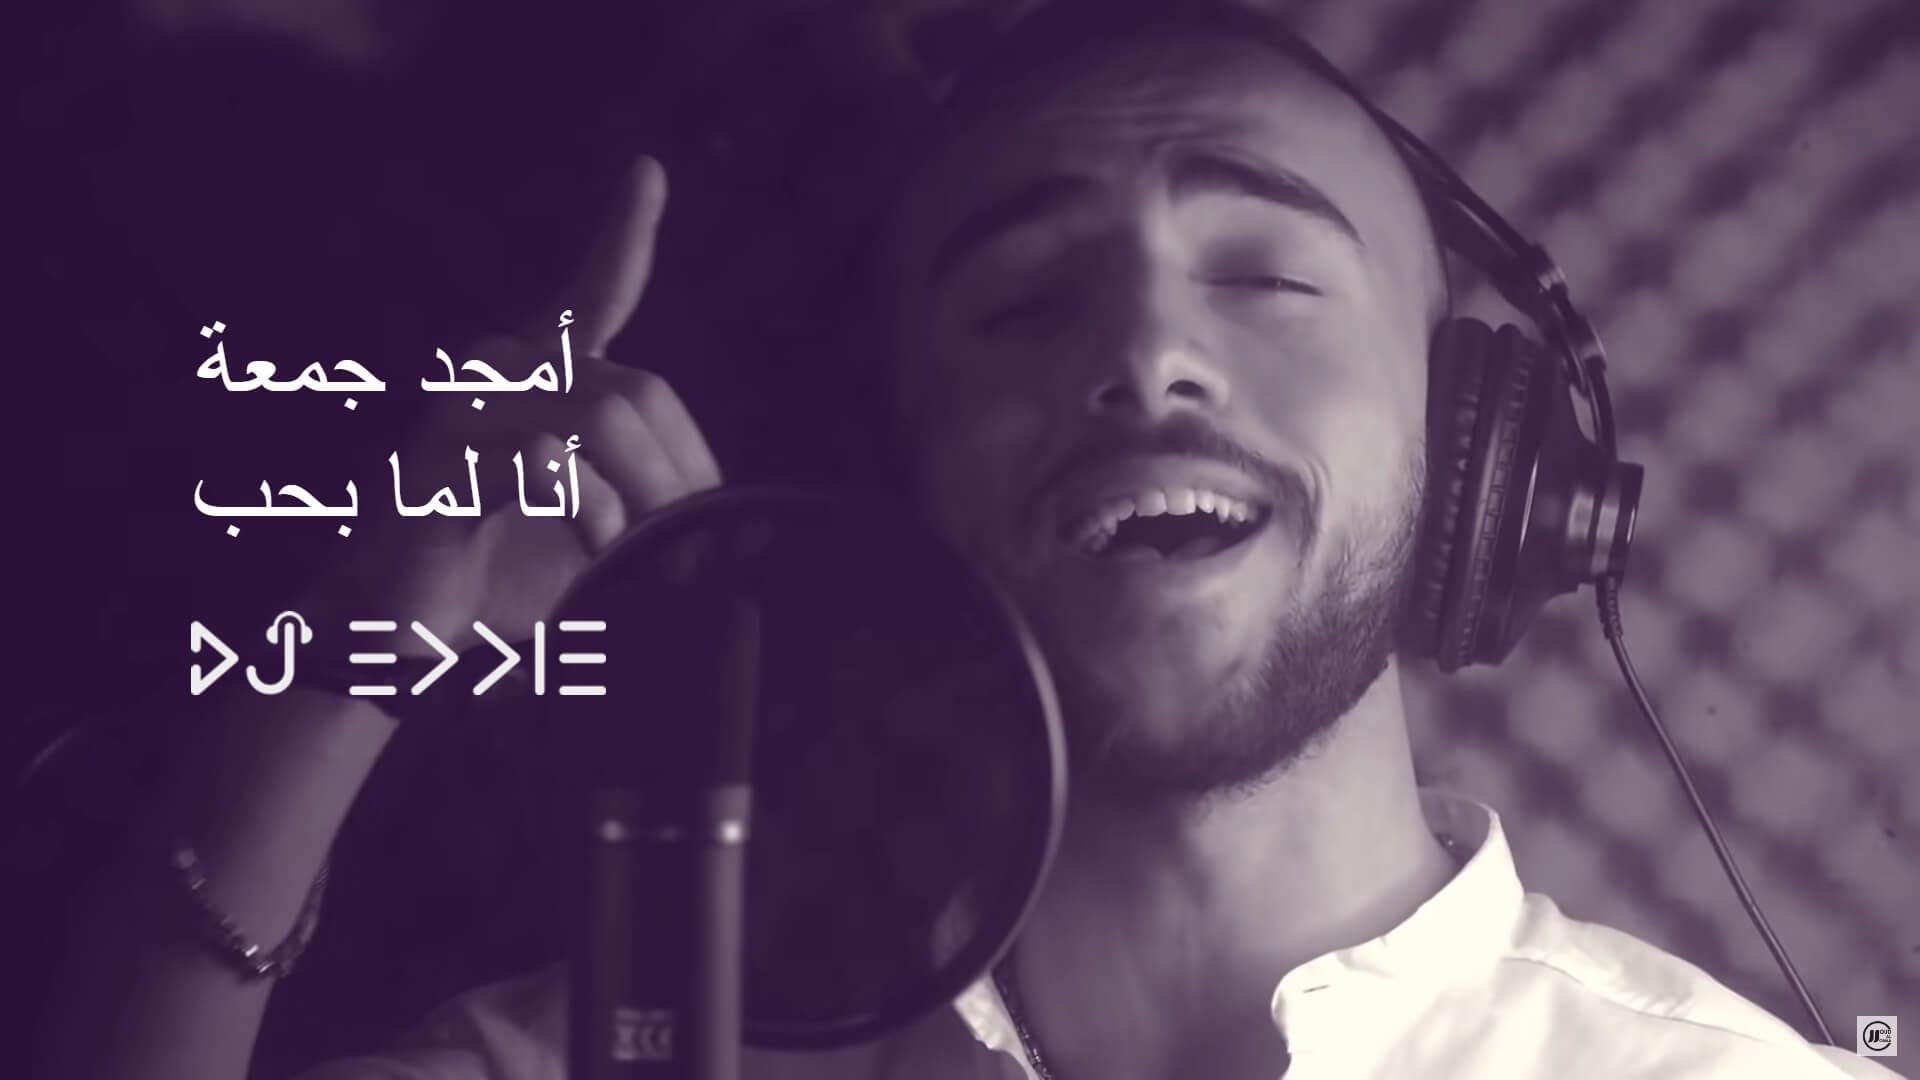 أمجد جمعة – أنا لما بحب Amjad Jomaa – Ana Lamma Bheb